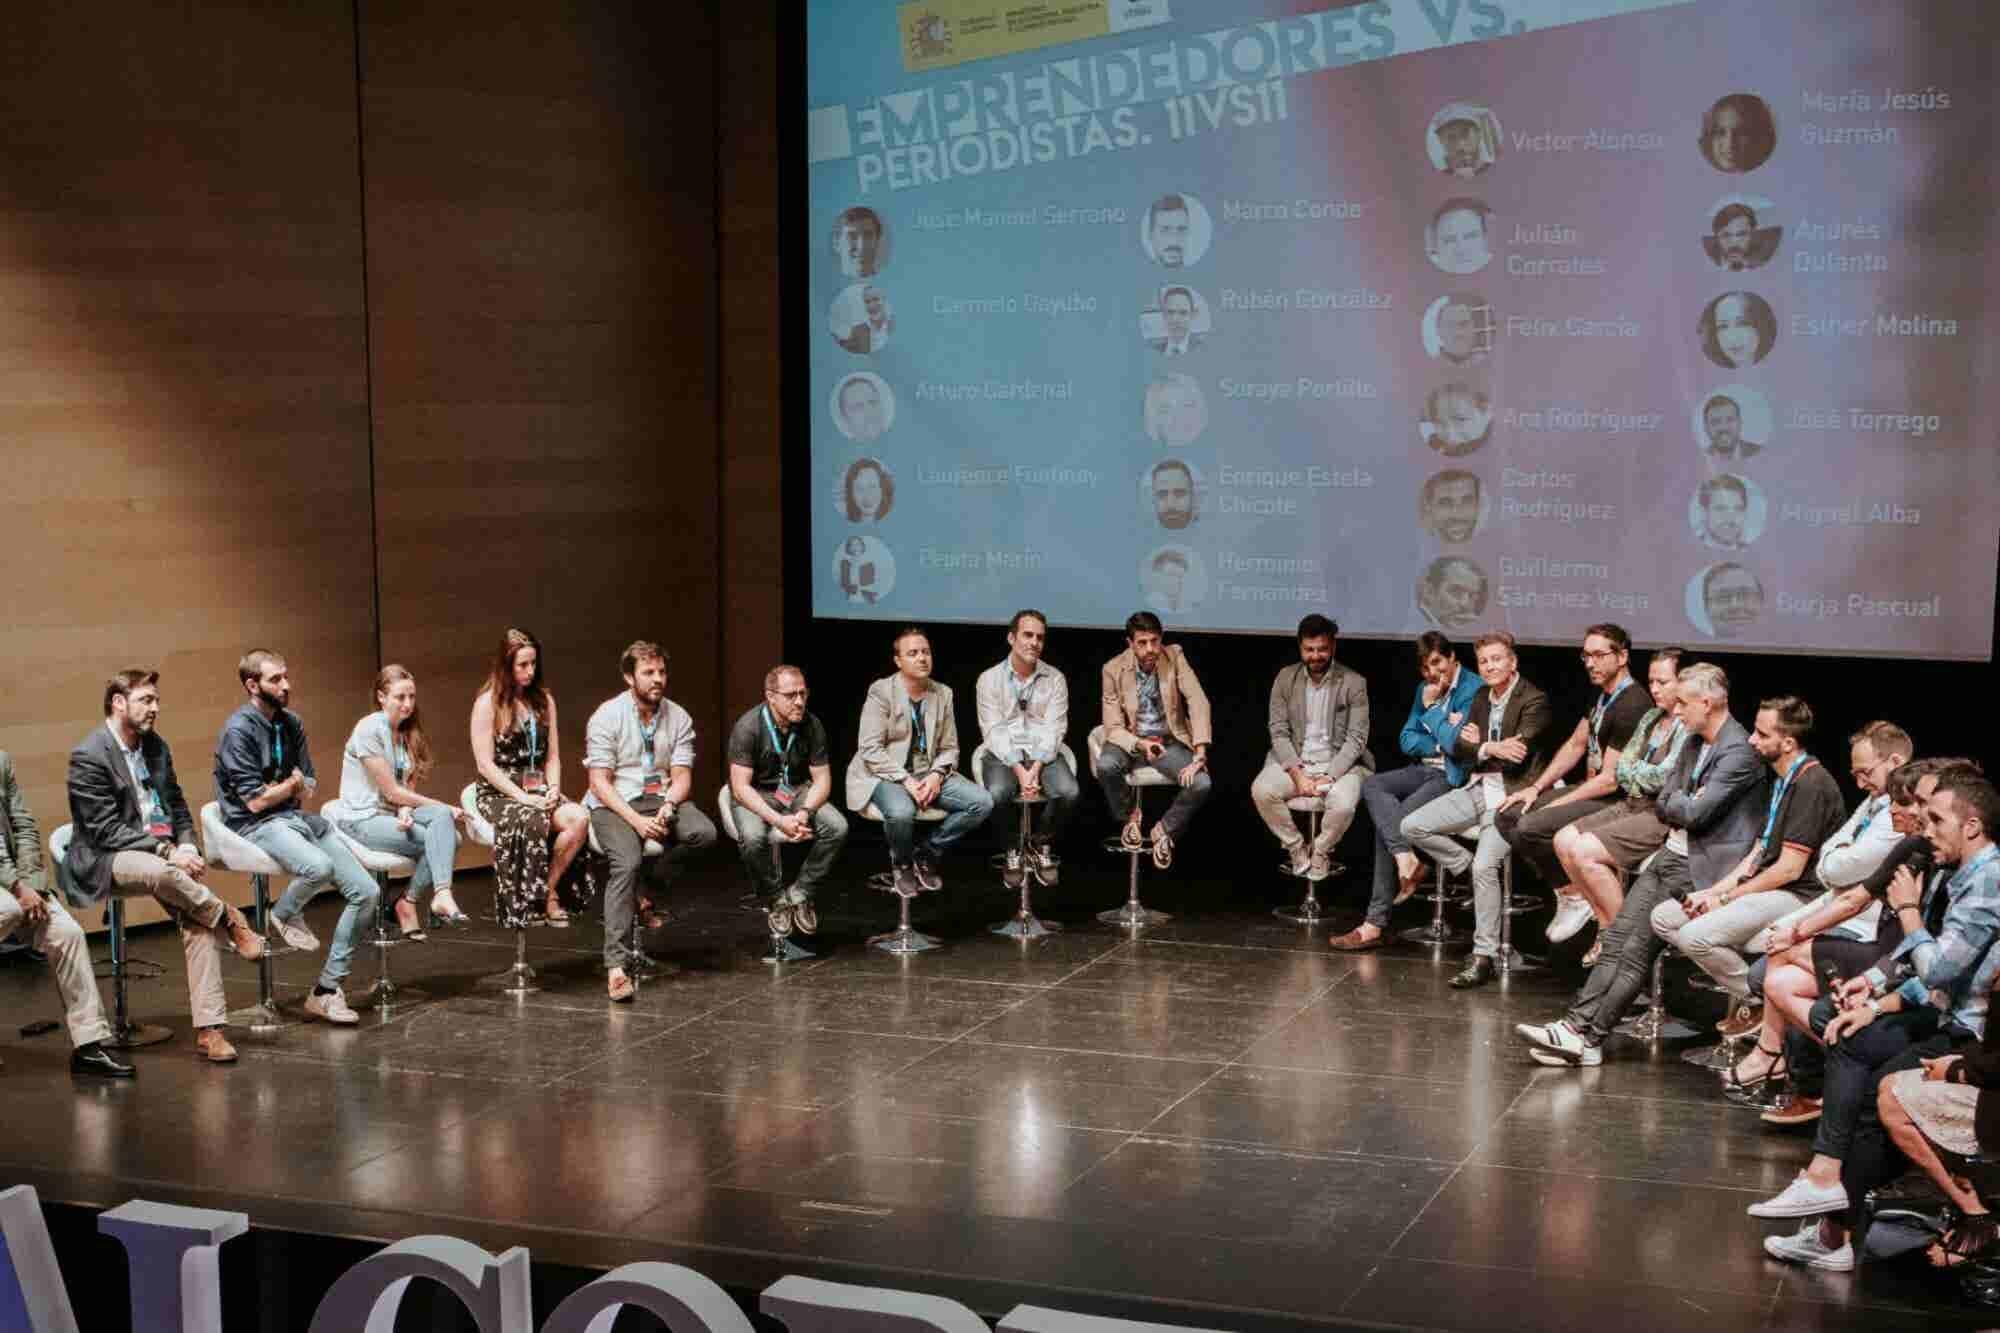 El mayor encuentro de periodistas y emprendedores del mundo llega a Lima y Bogotá